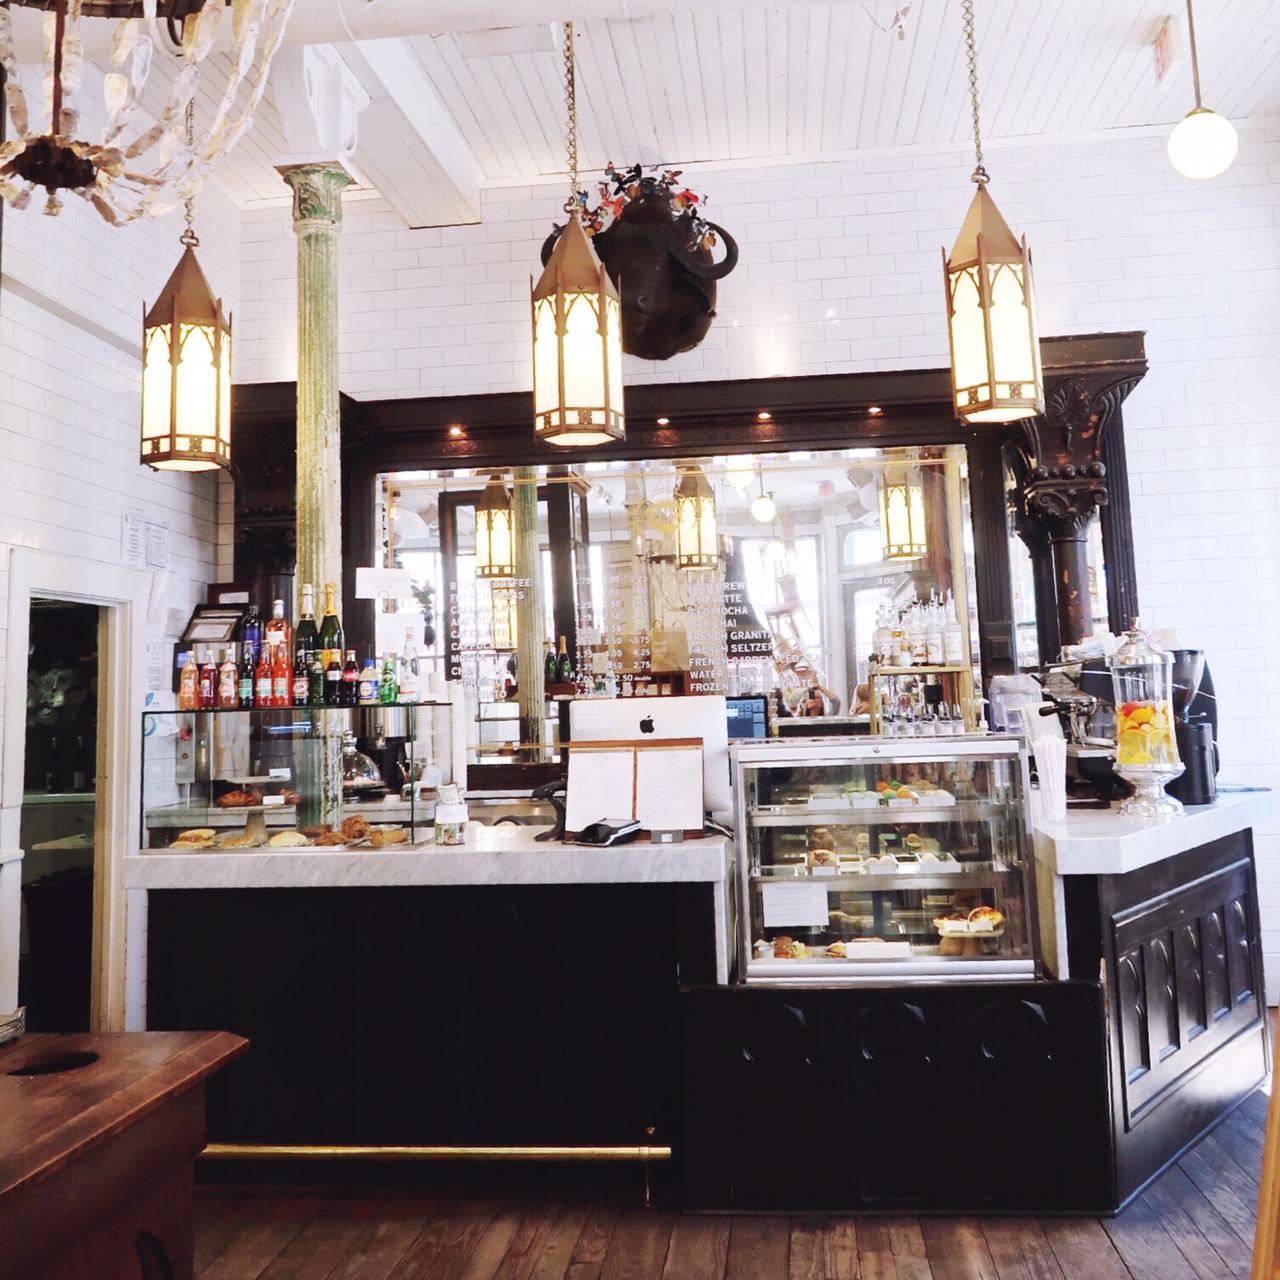 Savannah, GA City Guide // What to do in Savannah, GA // where to eat, drink, shop in Savannah